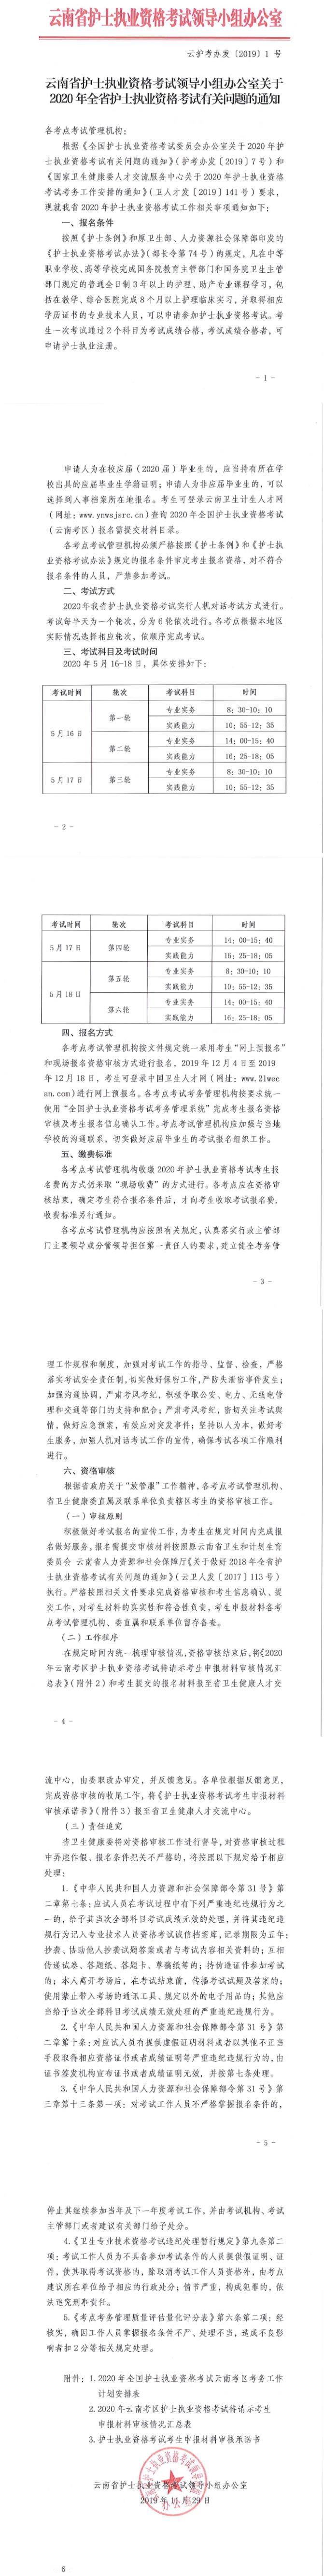 云南省关于2020年全省护士执业资格考试有关问题的通知